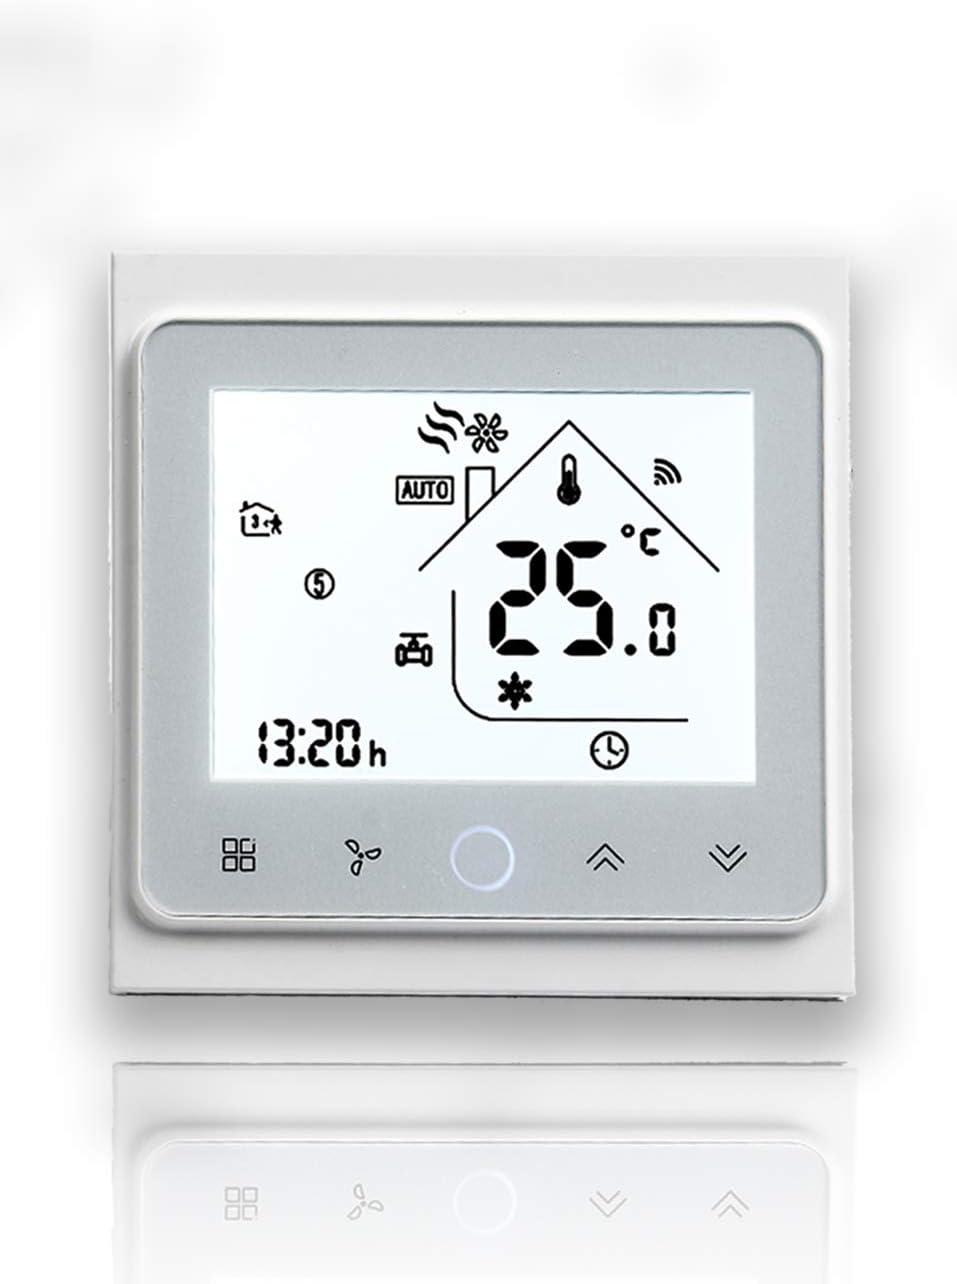 Beca 002 Serie Pantalla táctil Termostato de sala Dos/Cuatro tubos para aire acondicionado Fan Coil con conexión Wifi para soporte Voz inteligente (Cuatro tubos, Blanco completo)